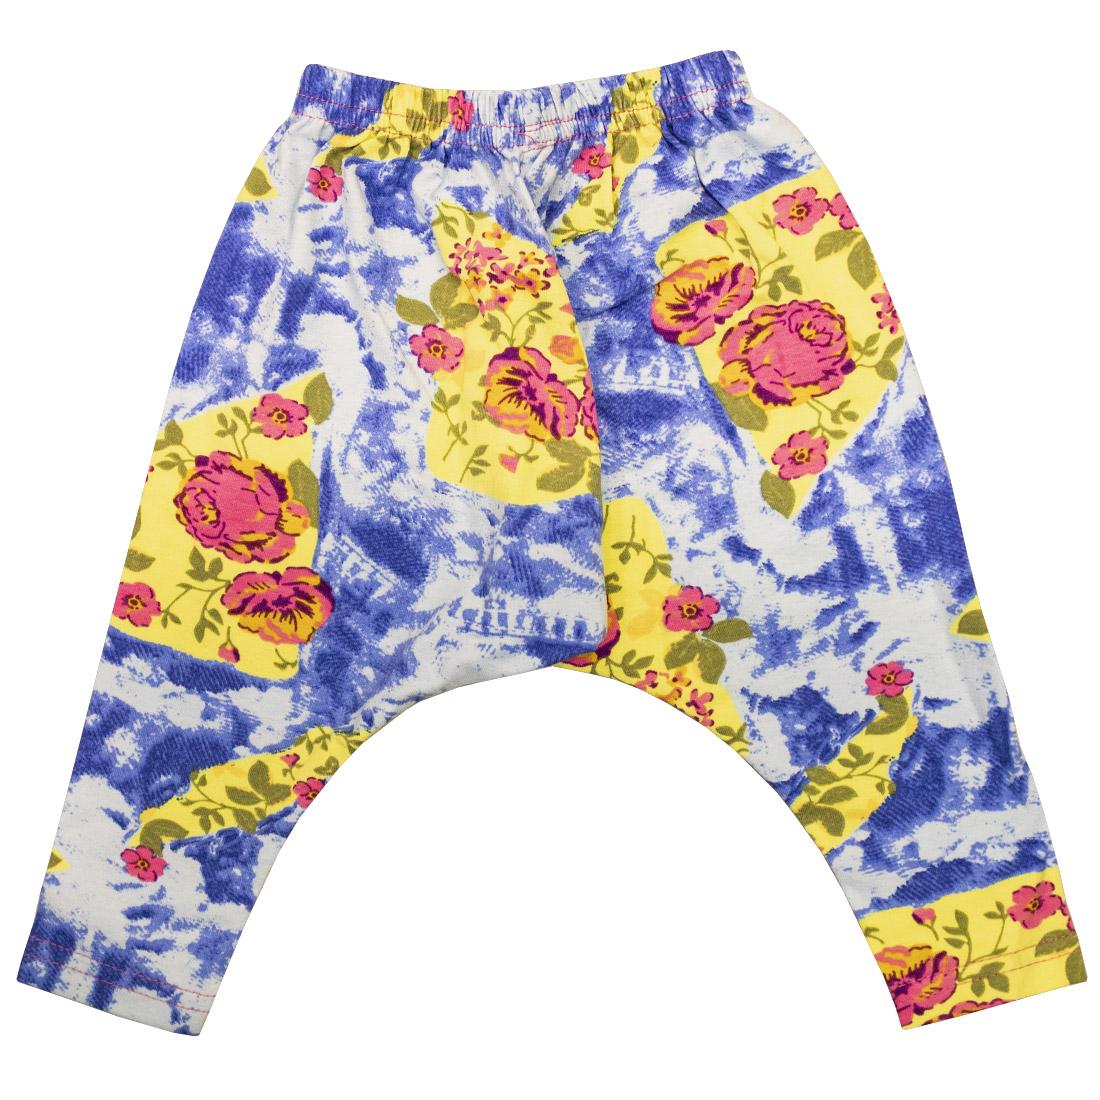 Купить 373К, Леггинсы детские Юлла, цв. голубой р. 68, Шорты и брюки для новорожденных